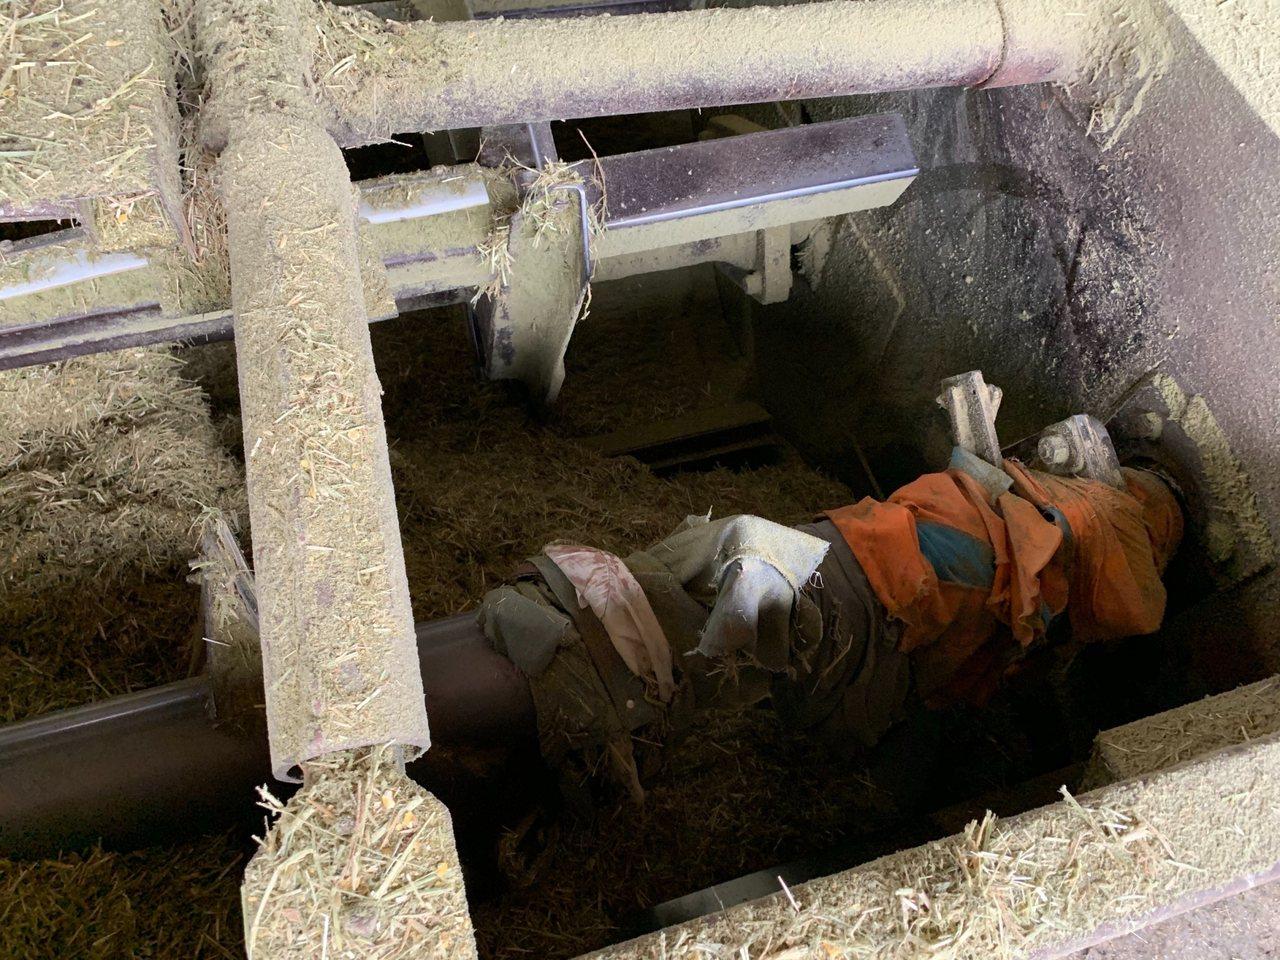 嘉義縣六腳鄉一處畜牧場71歲洪姓老員工,操作牧草粉碎機時,不慎掉入粉碎機攪成肉醬...